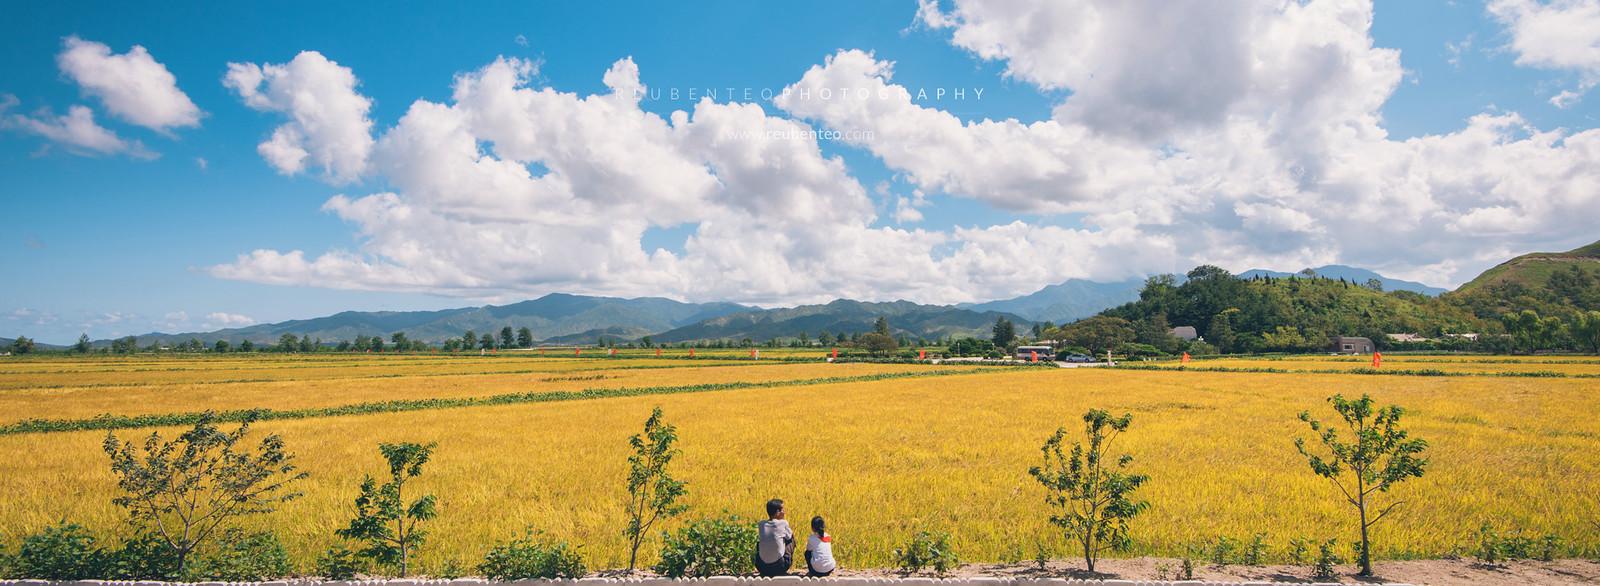 Pyongyang Farm